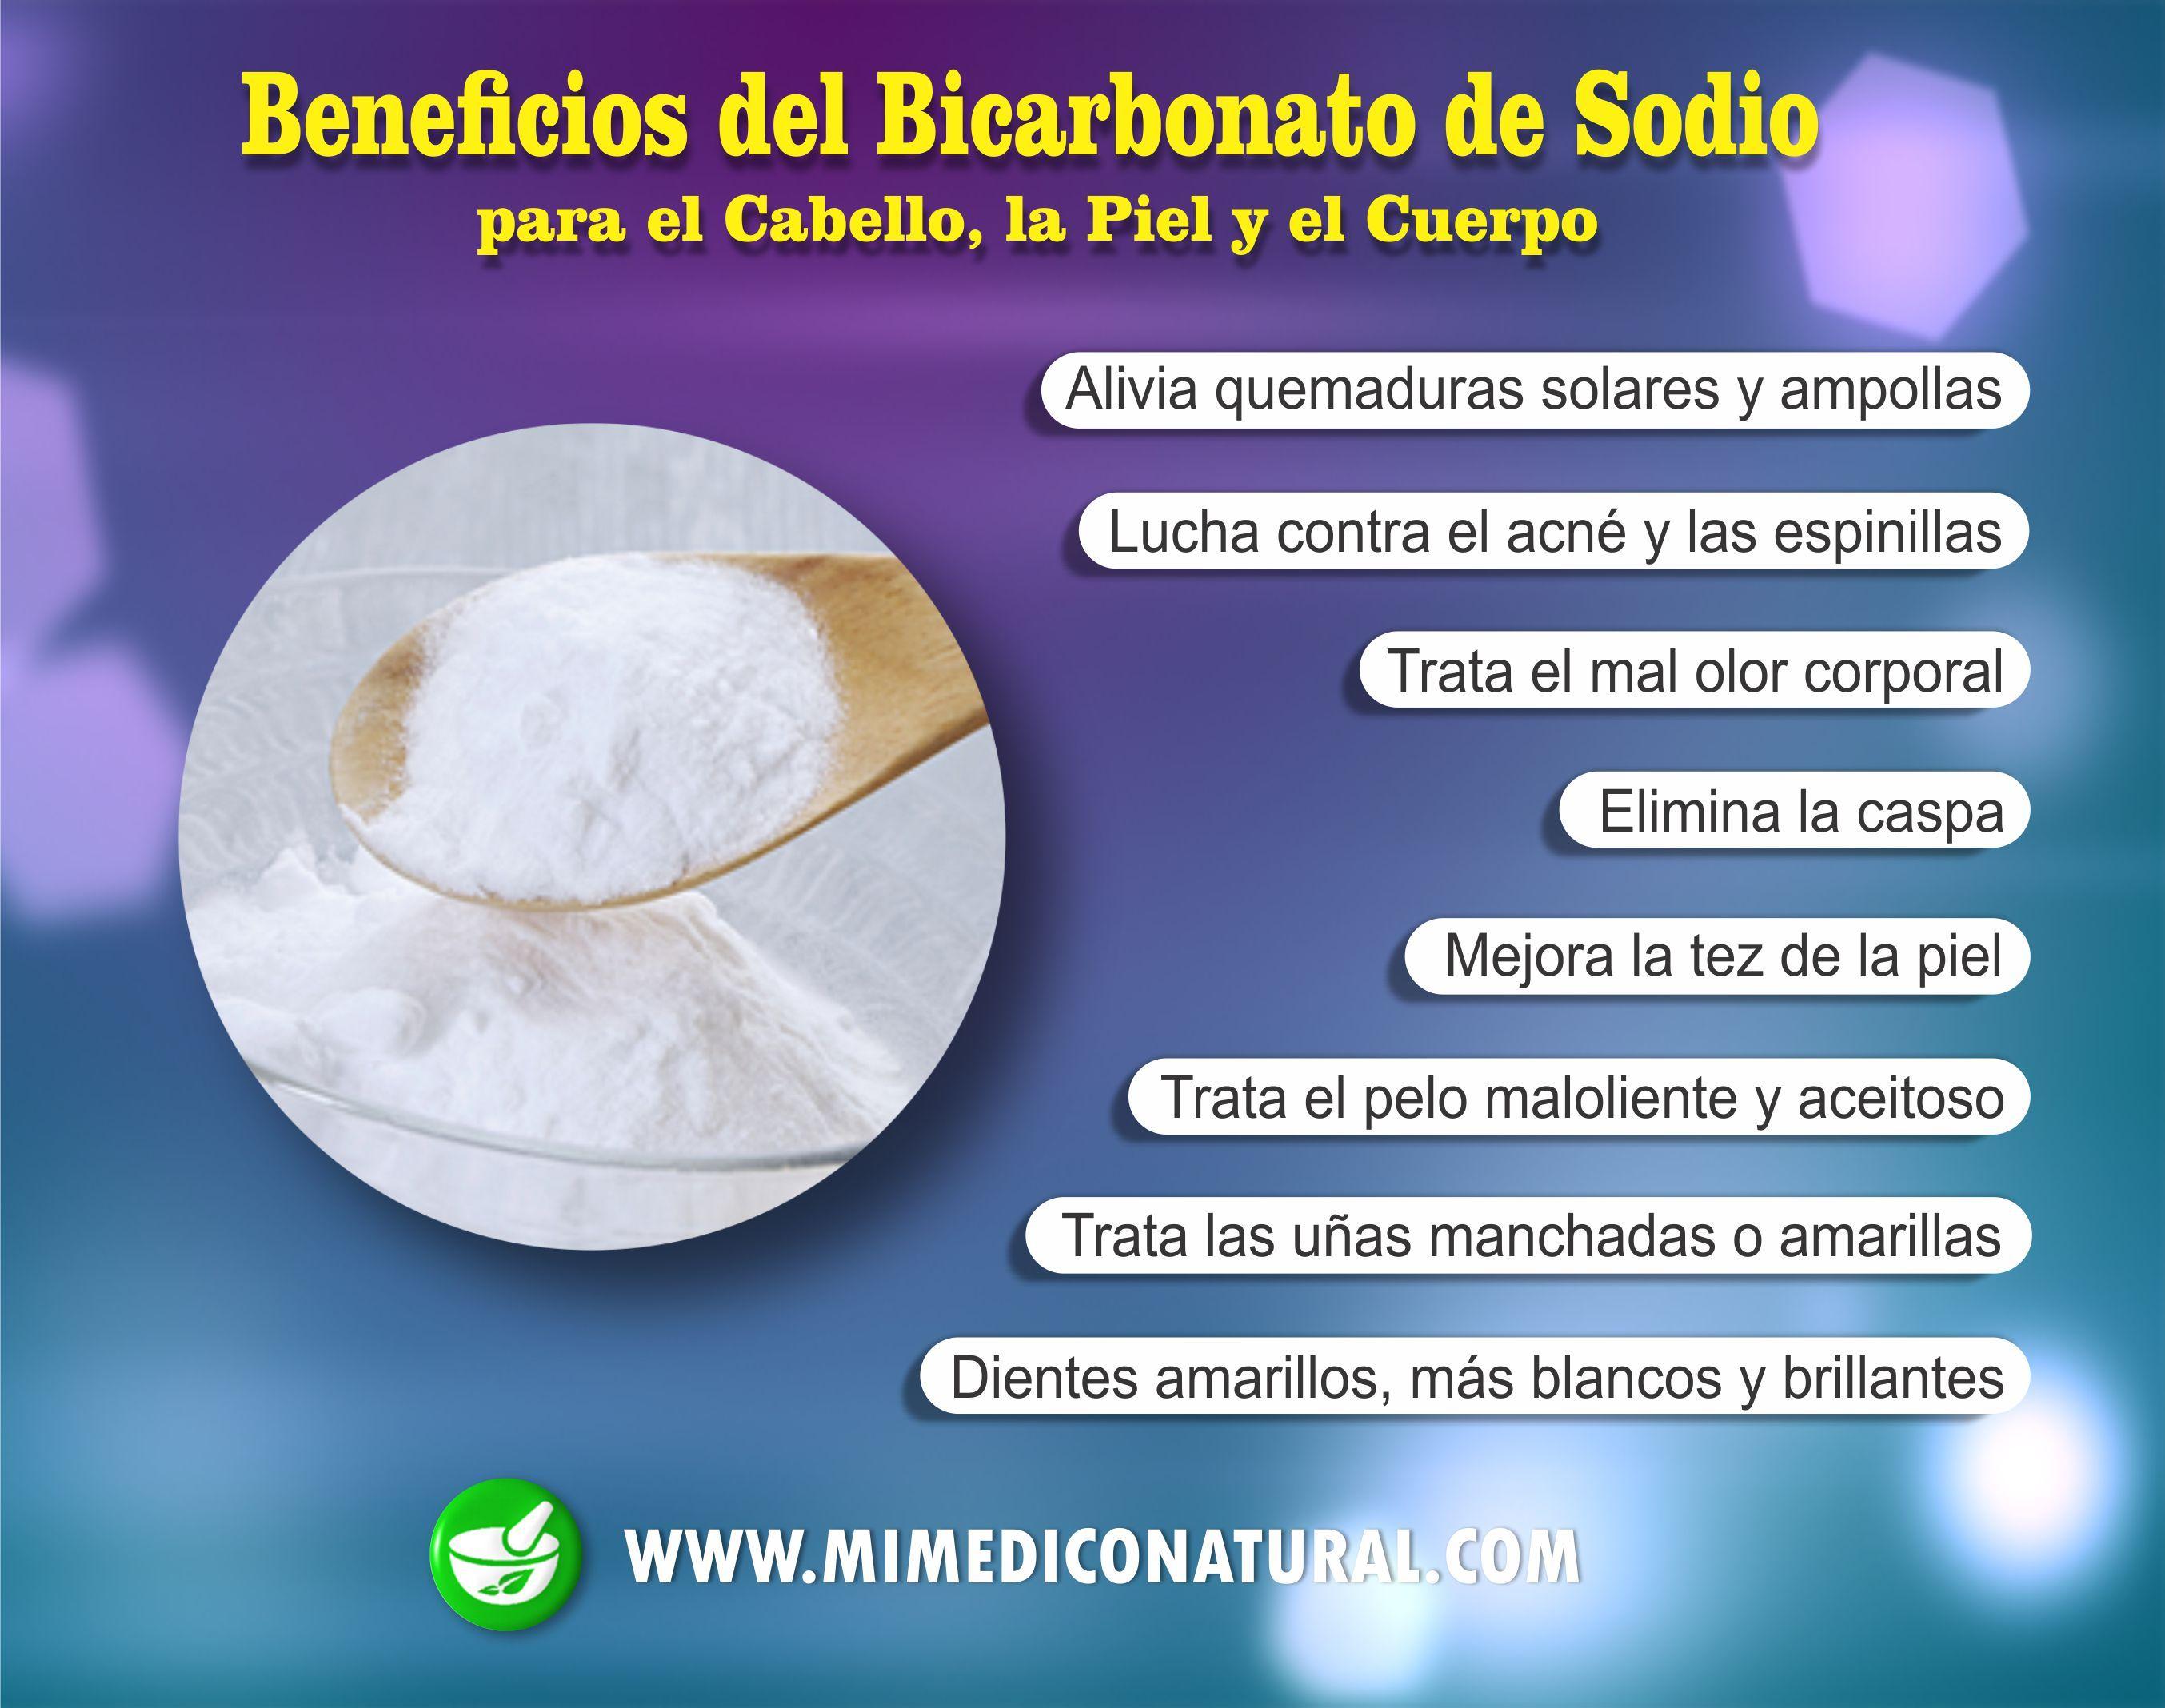 Propiedades Del Bicarbonato De Sodio Beneficios Medicinales Y Curativos Propiedades Del Bicarbonato Bicarbonato De Sodio Beneficios Del Bicarbonato